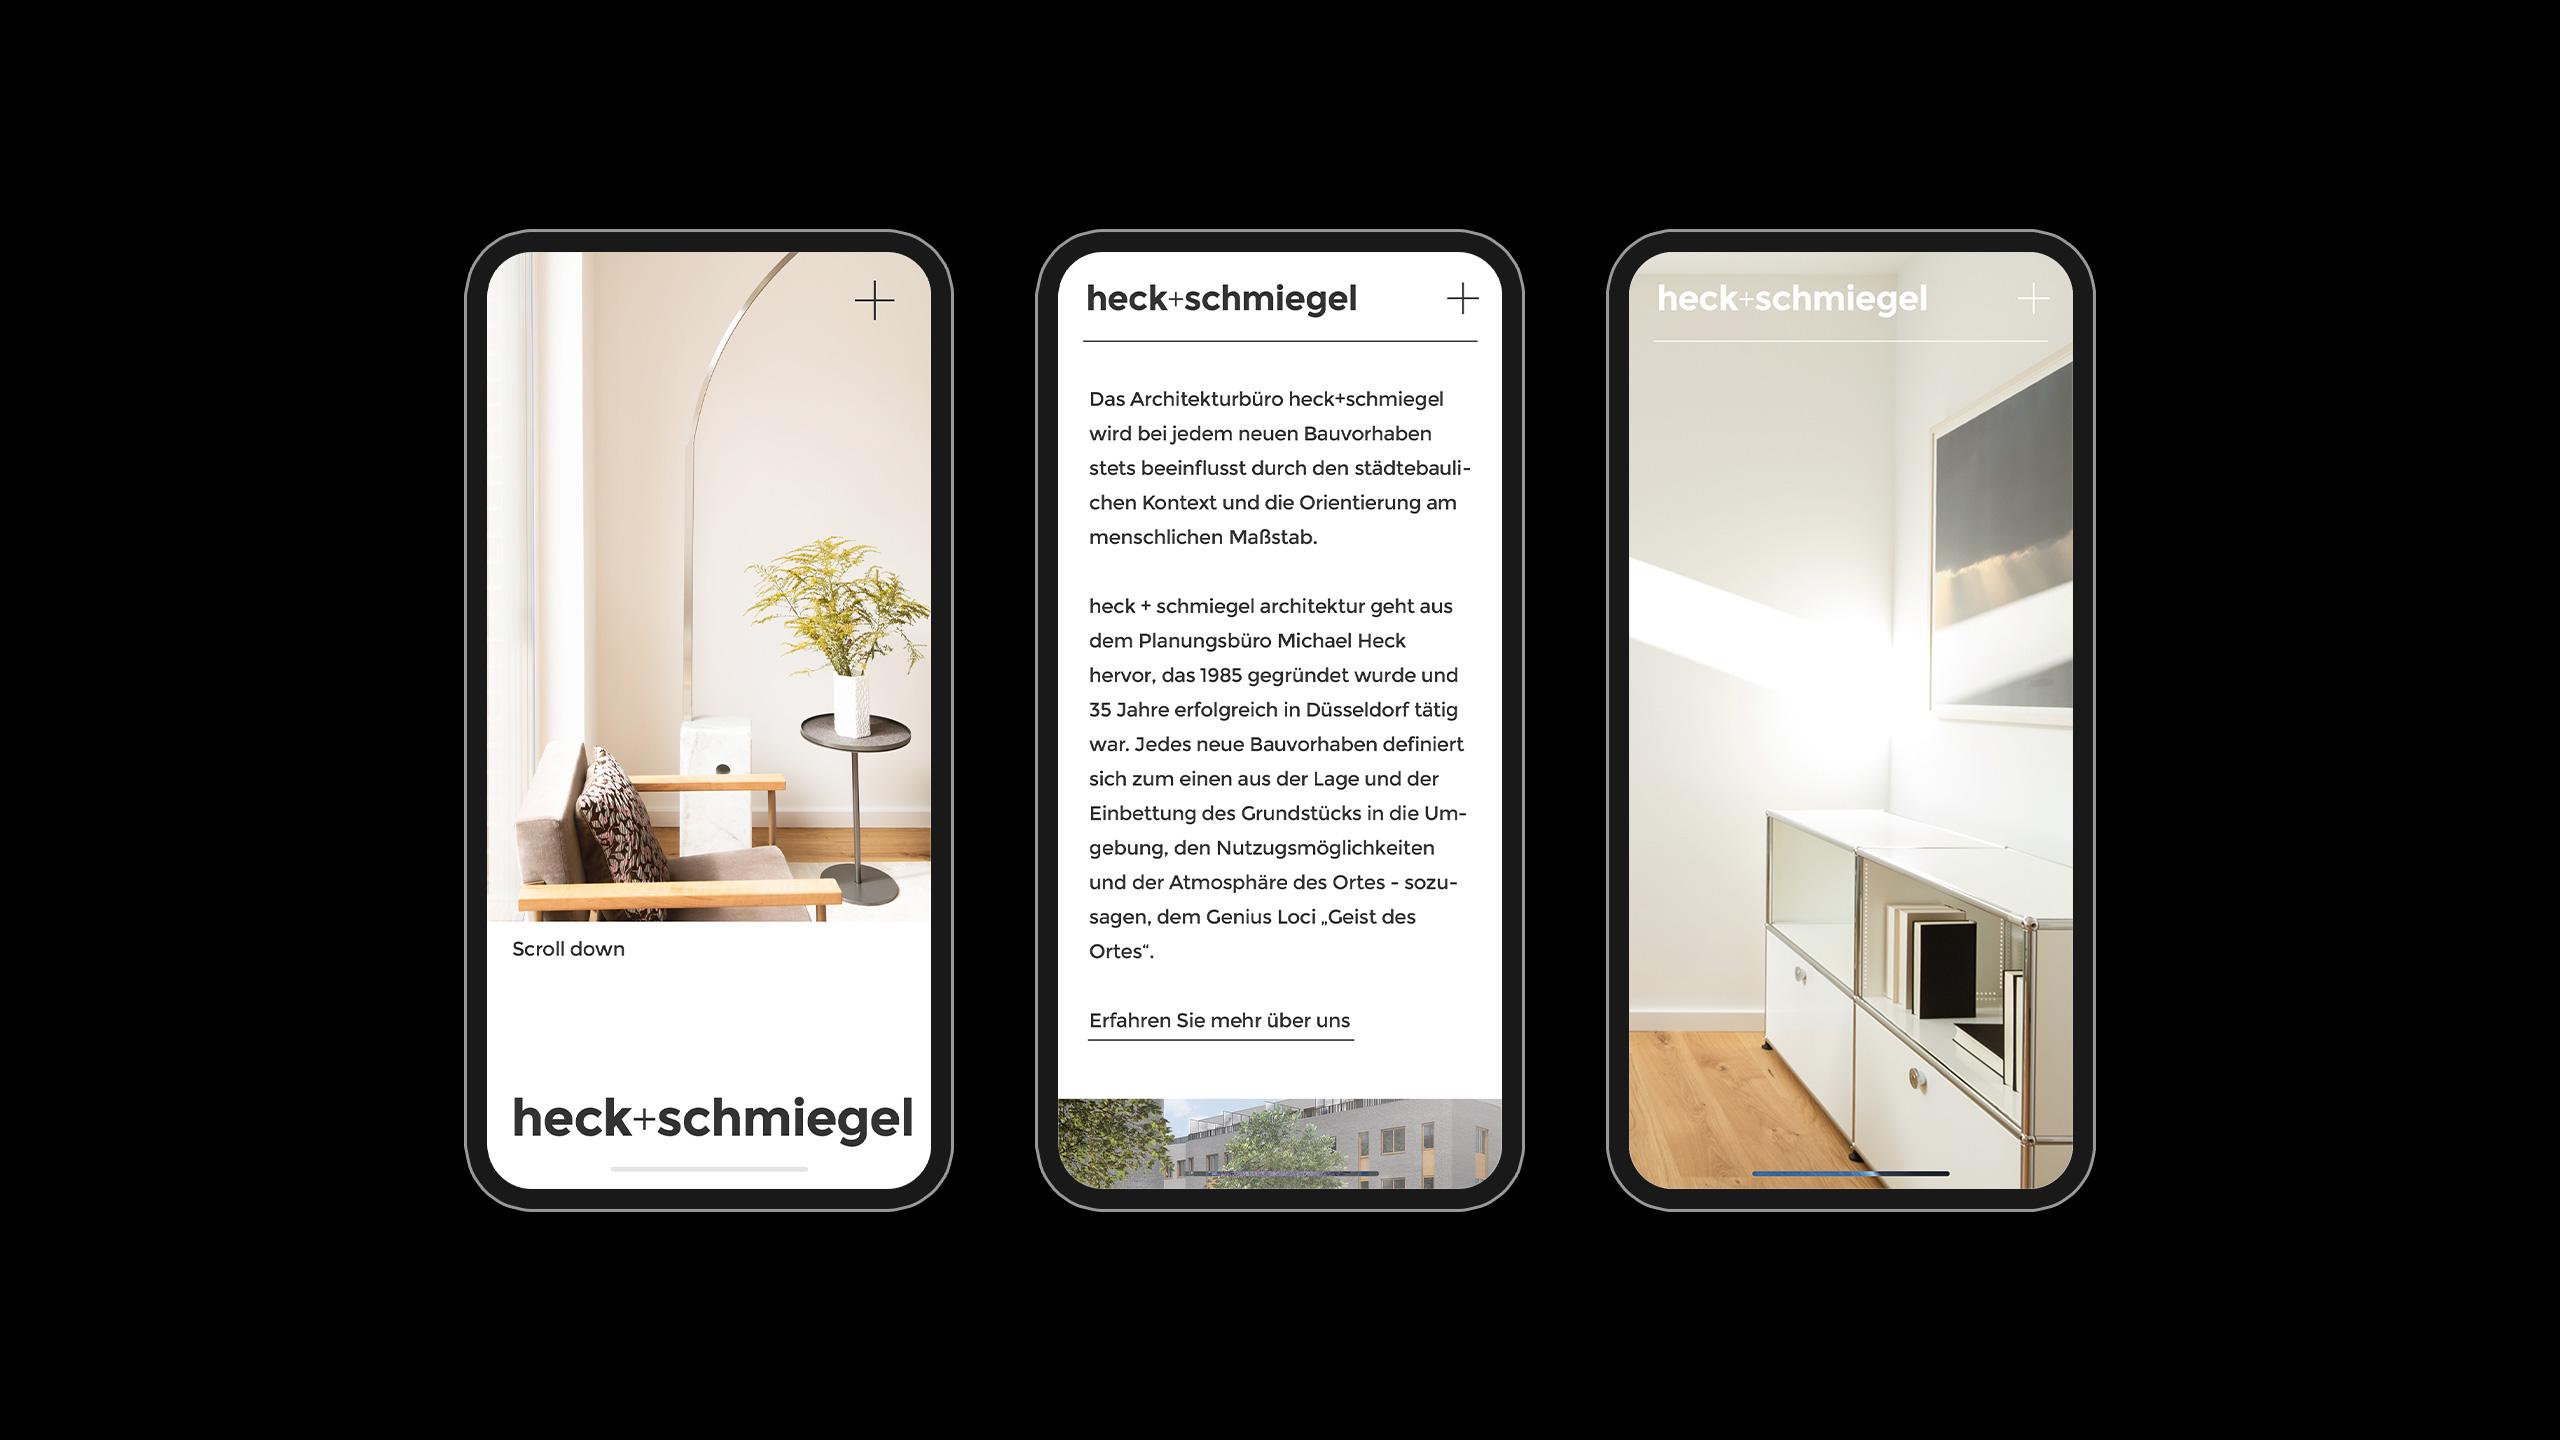 010-heckundschmiegel-architektur_high